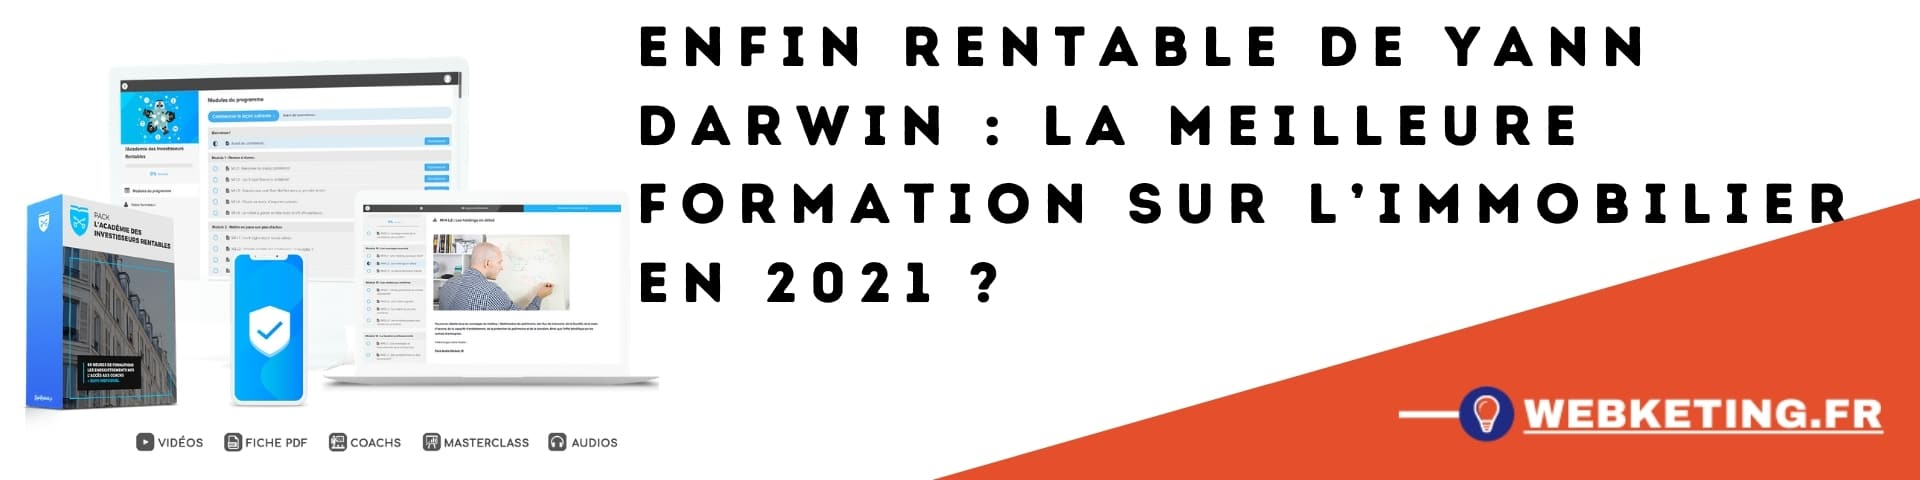 Enfin Rentable de Yann Darwin : la meilleure formation sur l'immobilier en 2021?